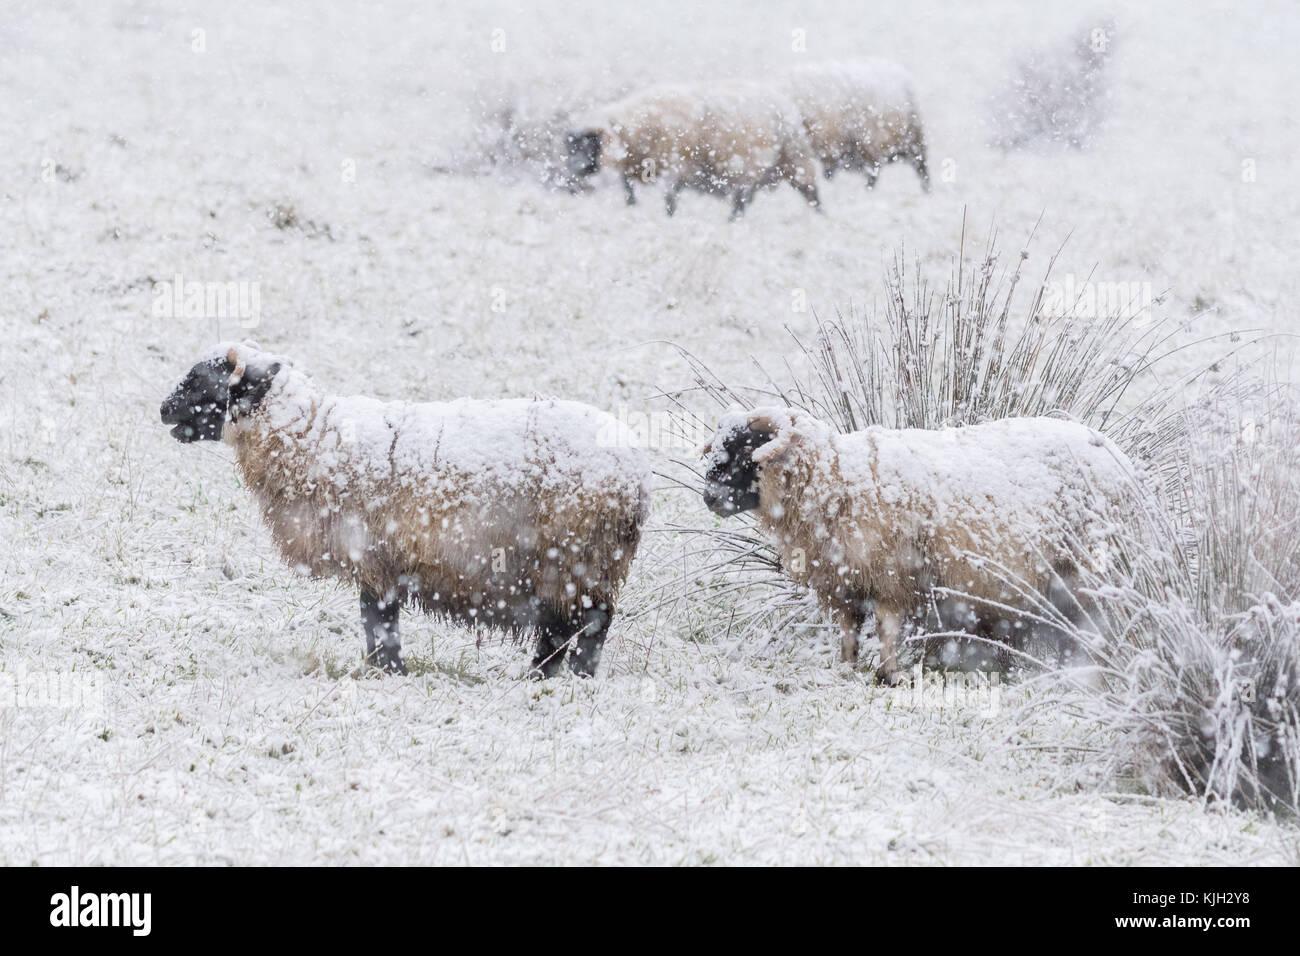 Dumgoyne, Stirlingshire, Scotland, UK. 24th Nov, 2017. UK weather - heavy snow falling on sheep at Dumgoyne, Stirlingshire, - Stock Image